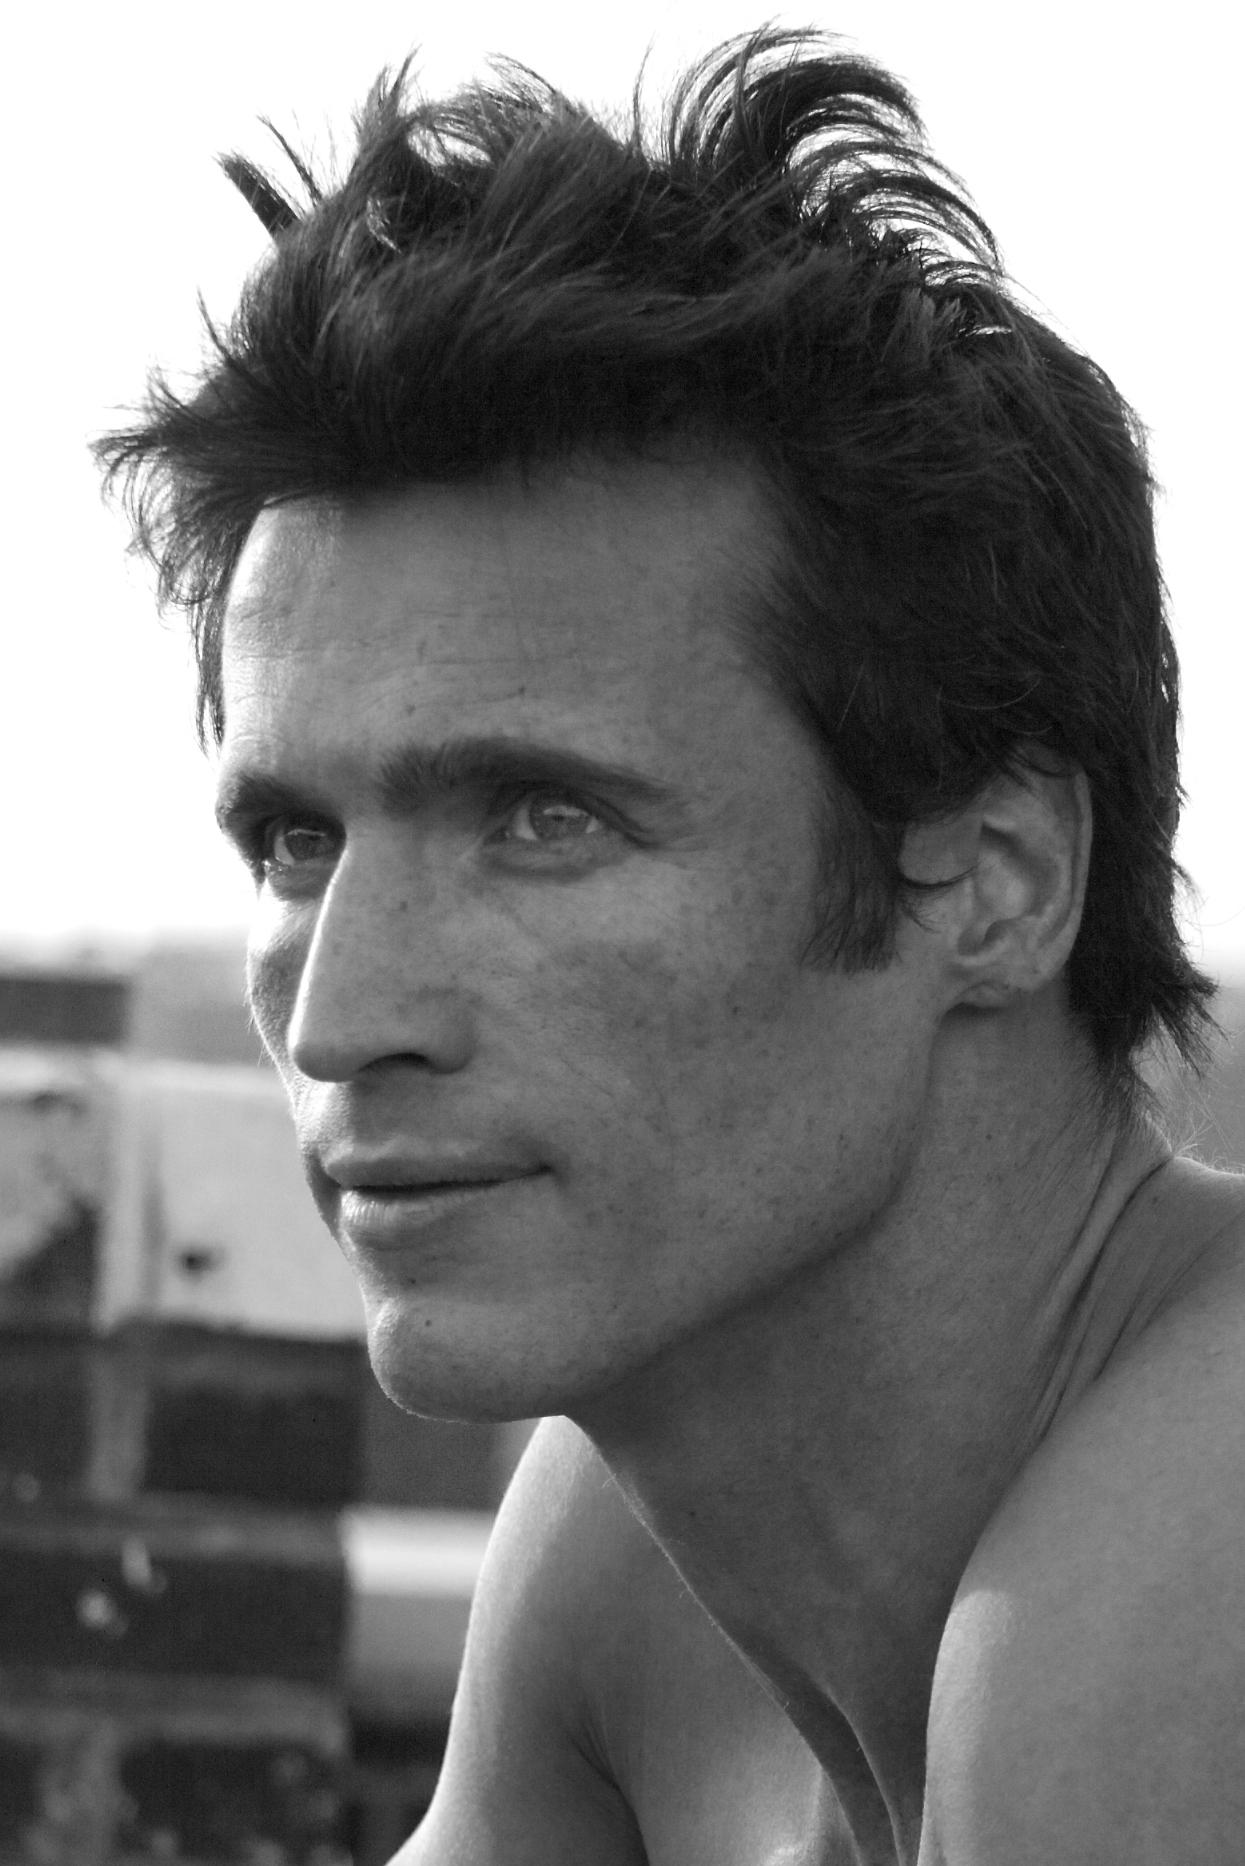 Manuel Vignoulle